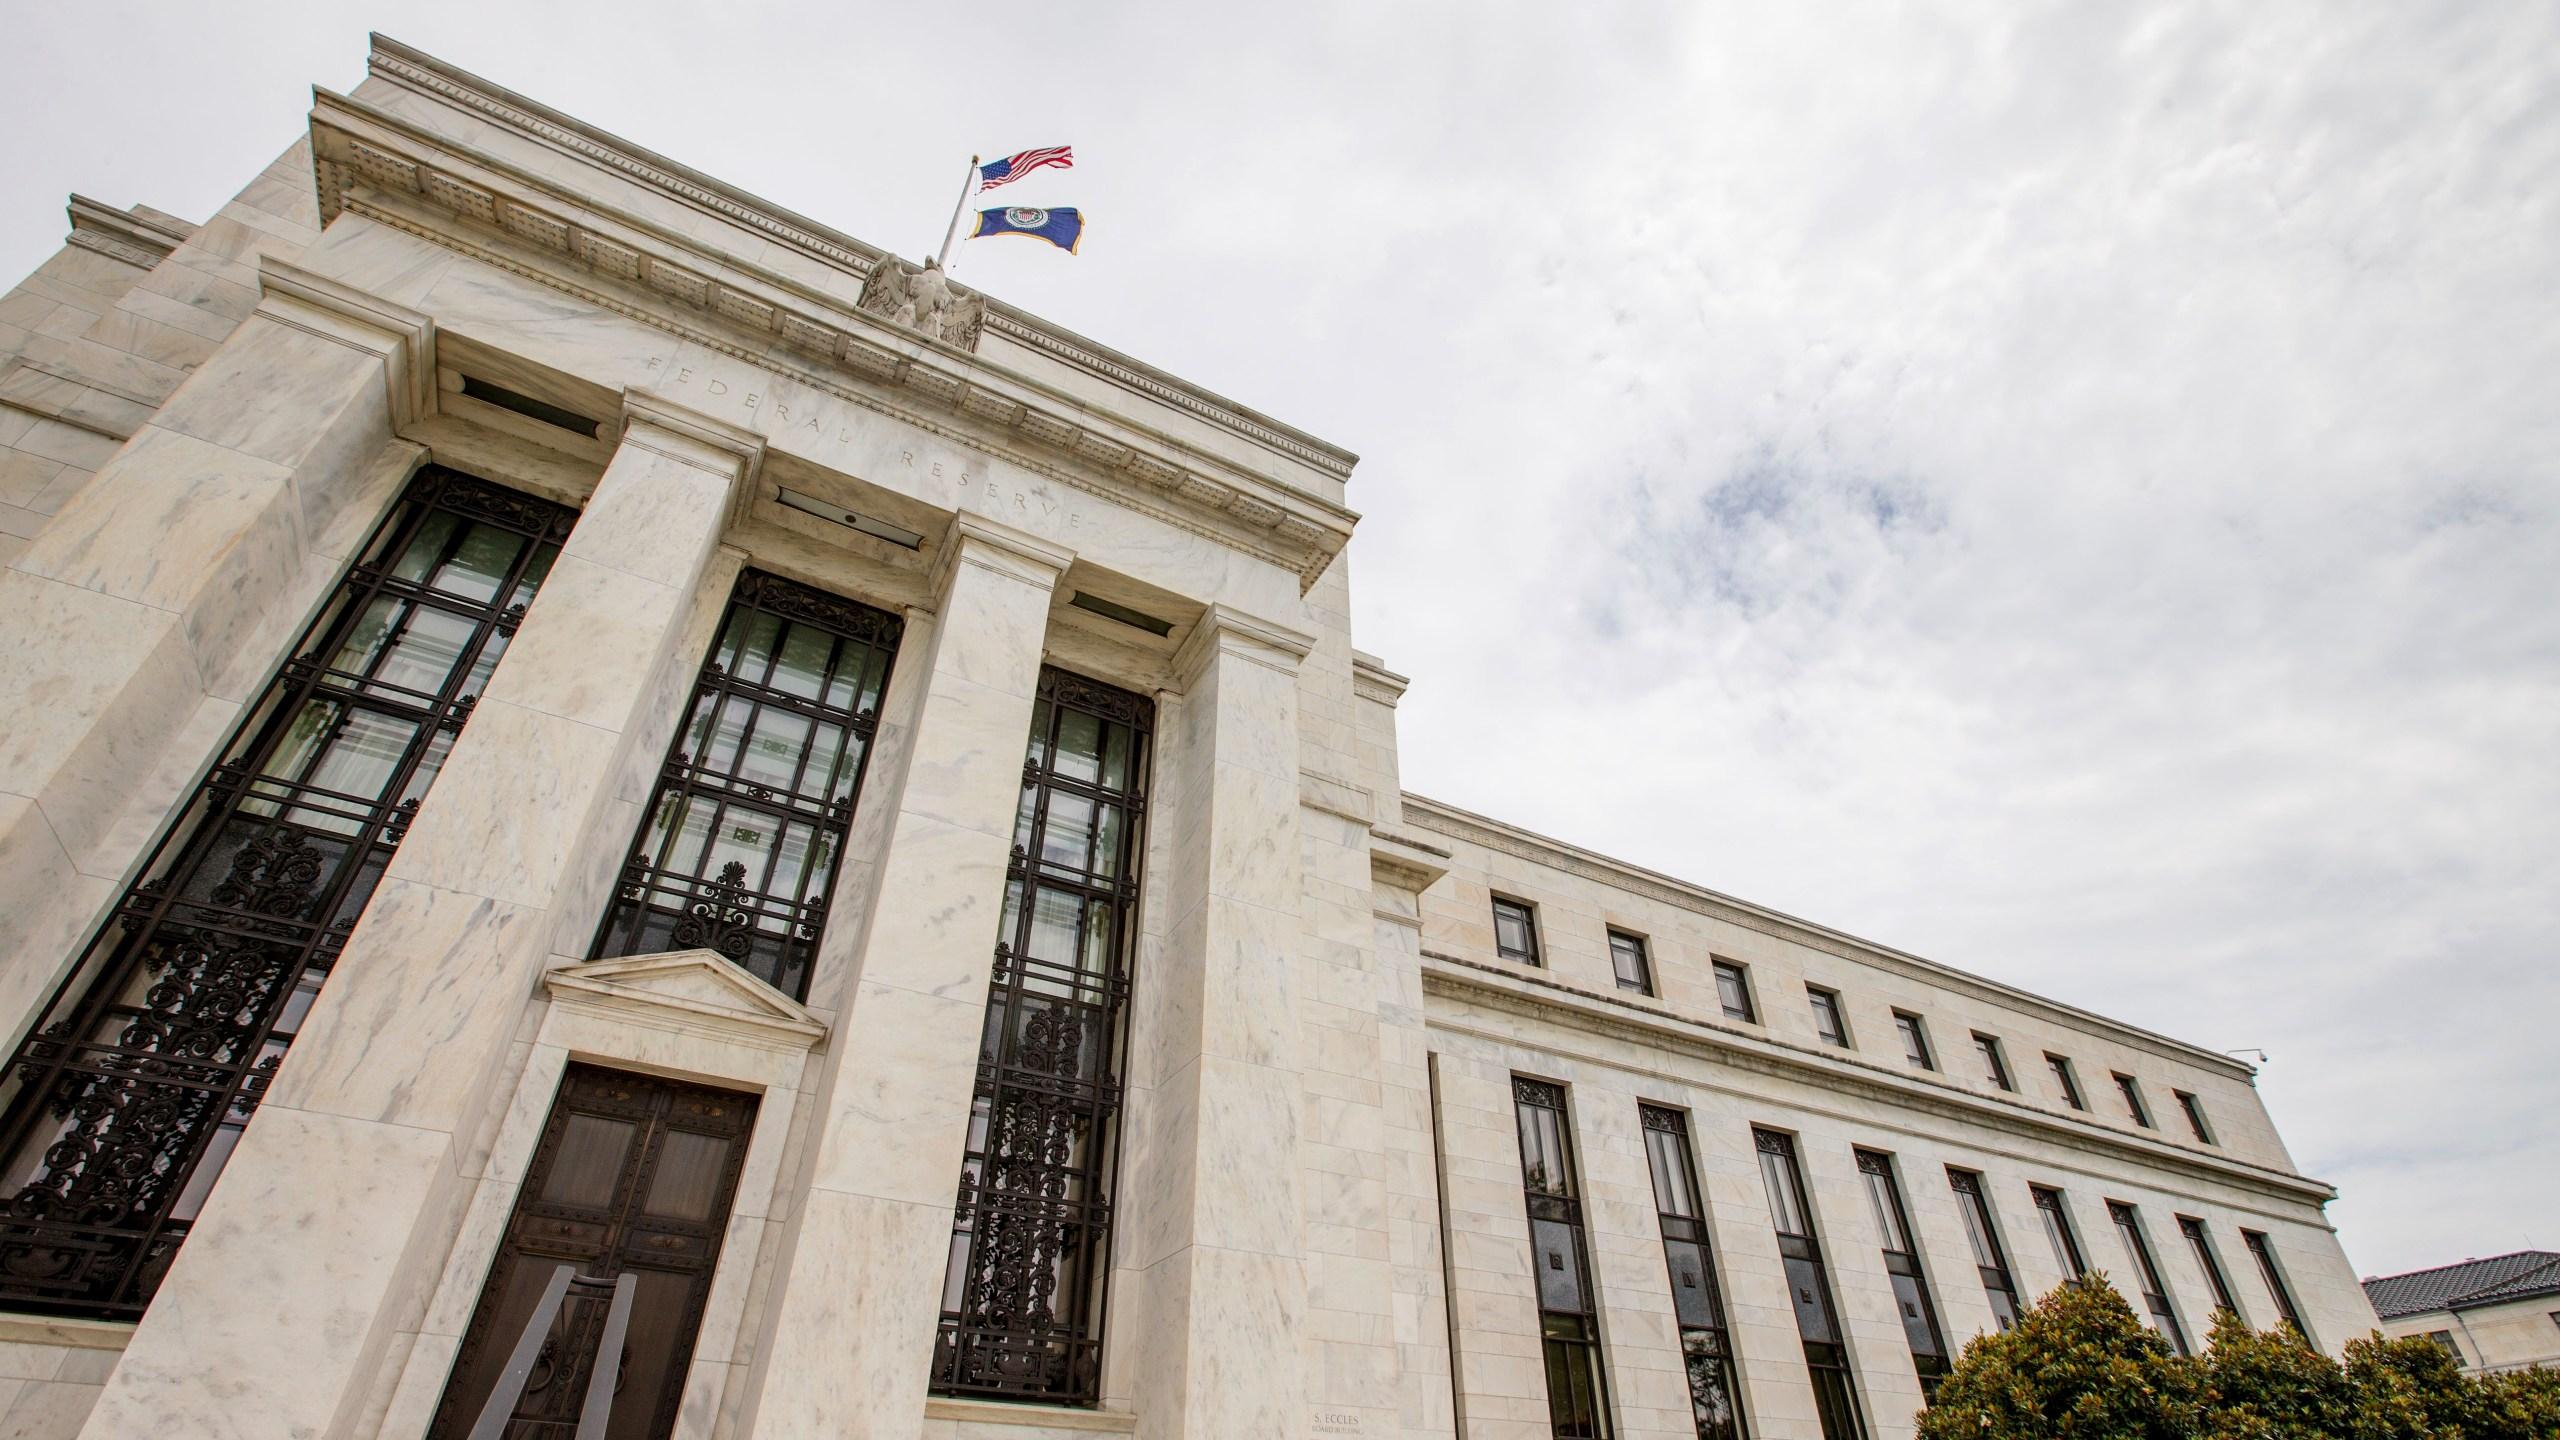 Federal_Reserve_Look_Ahead_44828-159532.jpg27438991